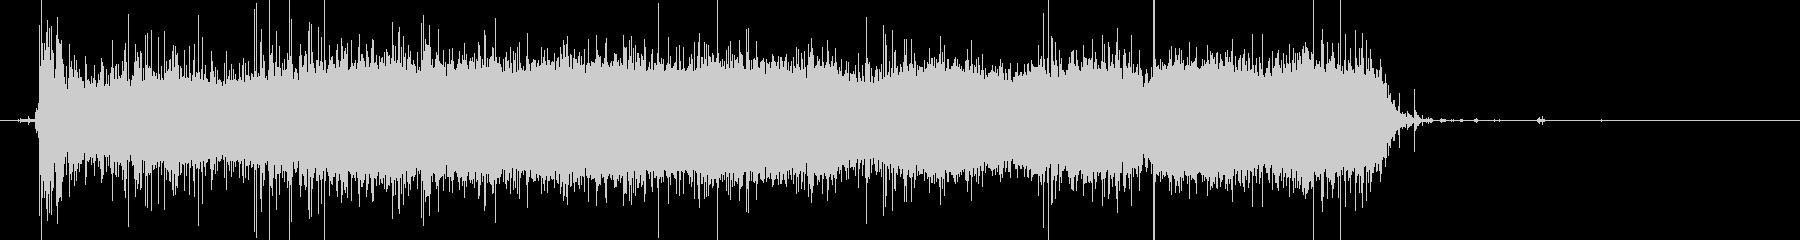 じゃーピチョピチョ…シャワーの音(長め)の未再生の波形